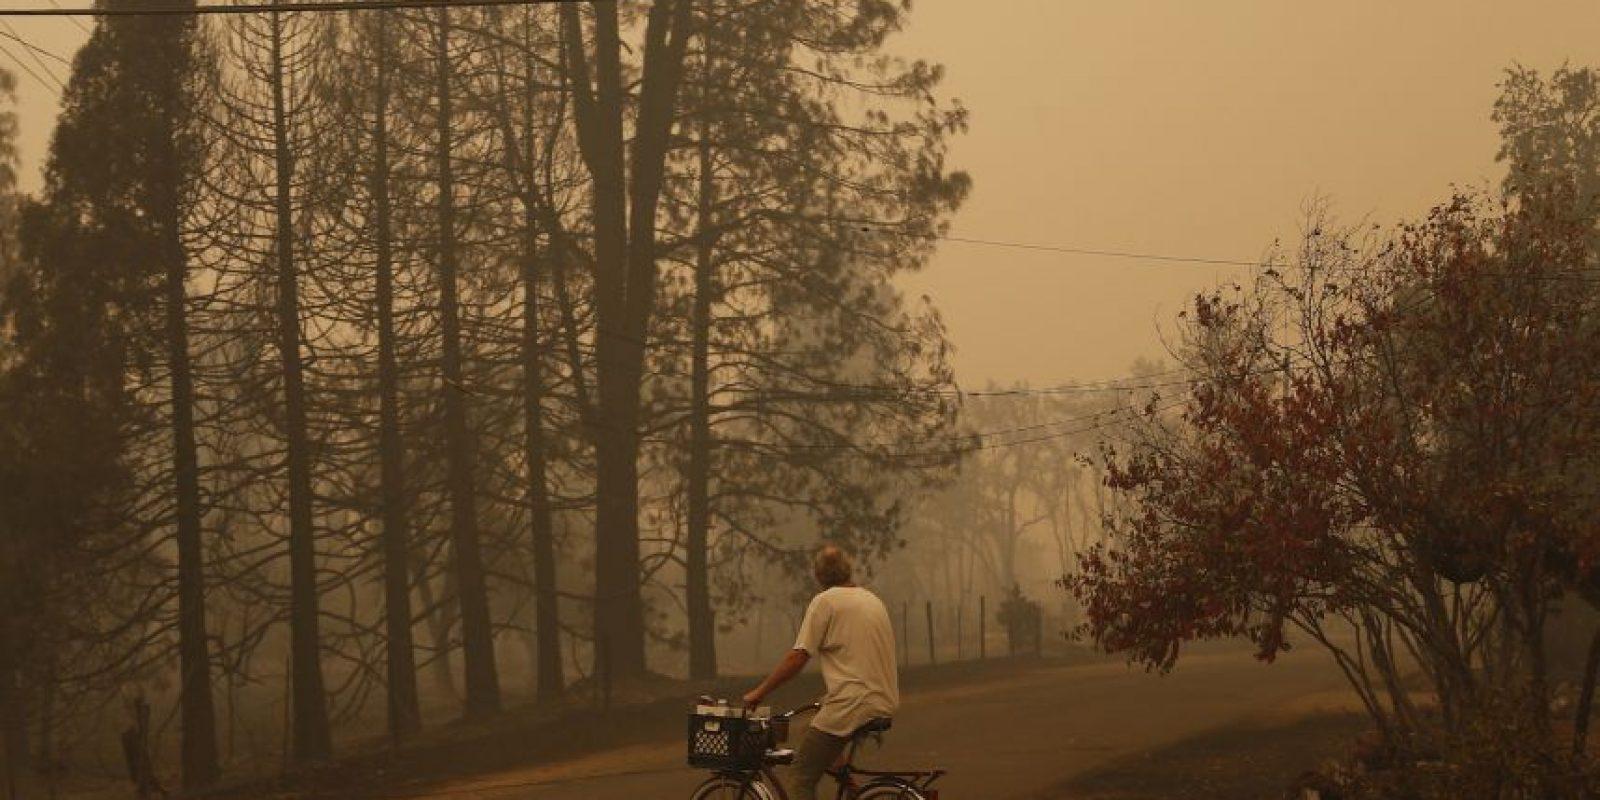 Según el medio británico BBC, el fuego se esparció por lo seca que es esa zona. Foto:Getty Images